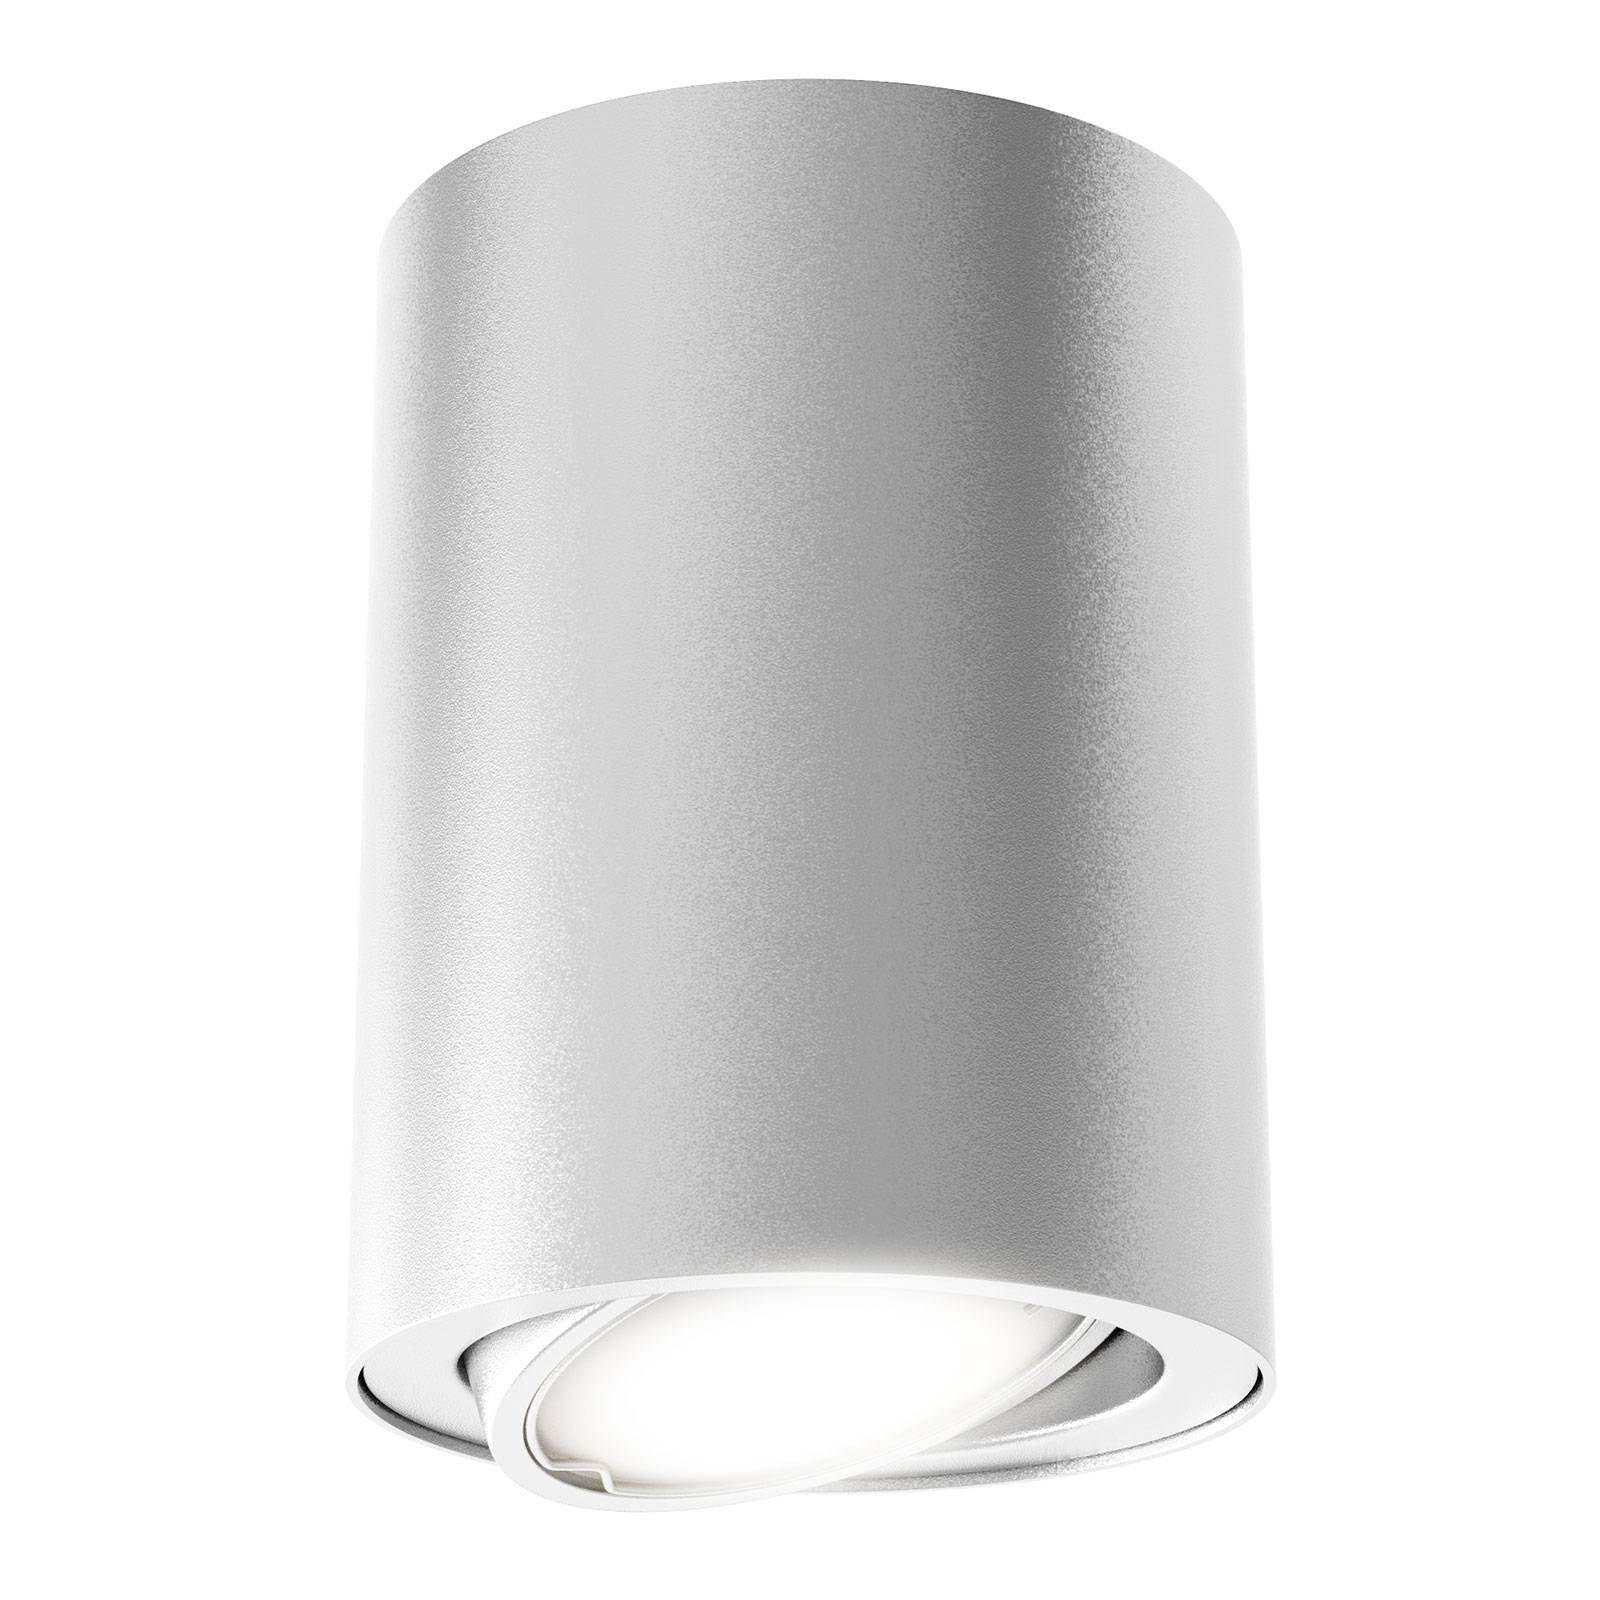 LED-taklampe 7119 med GU10 LED, sølv